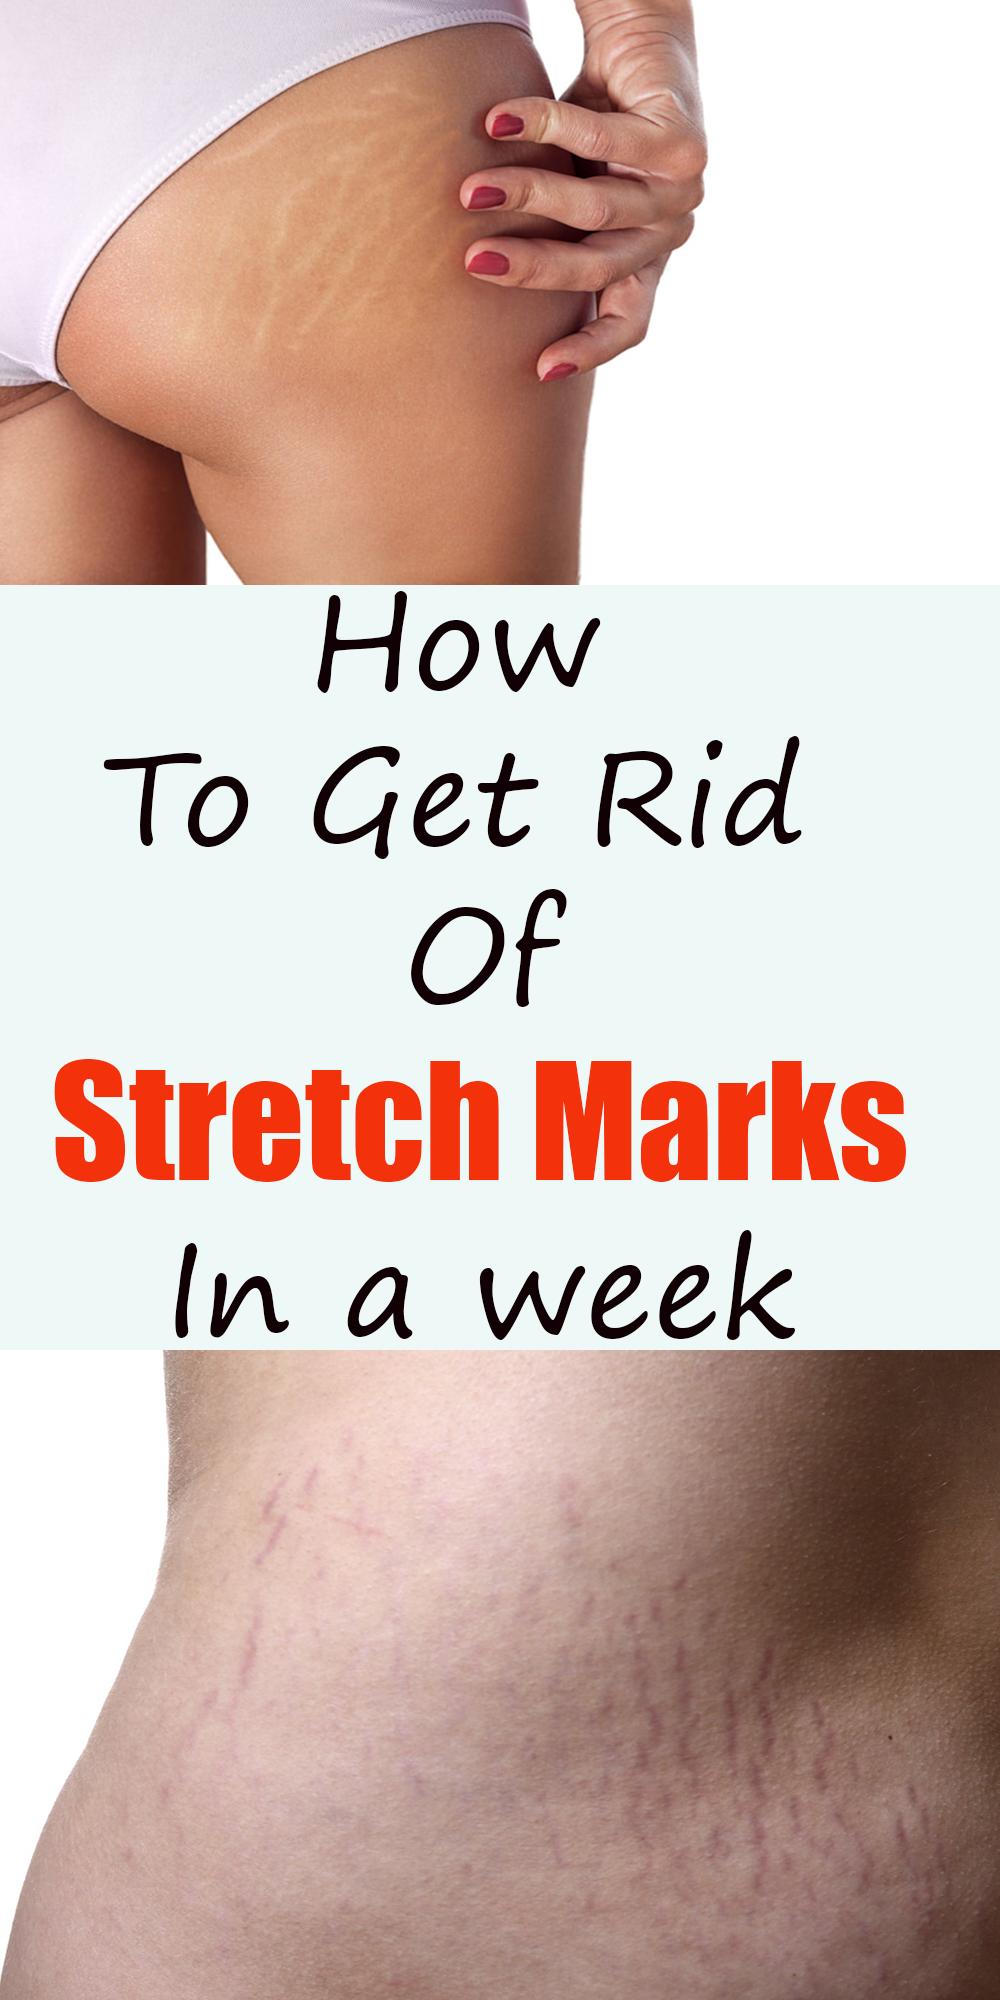 e13a5c42717ec76aacef263efad41e4c - How To Get Rid Of Stretch Marks Under Armpits